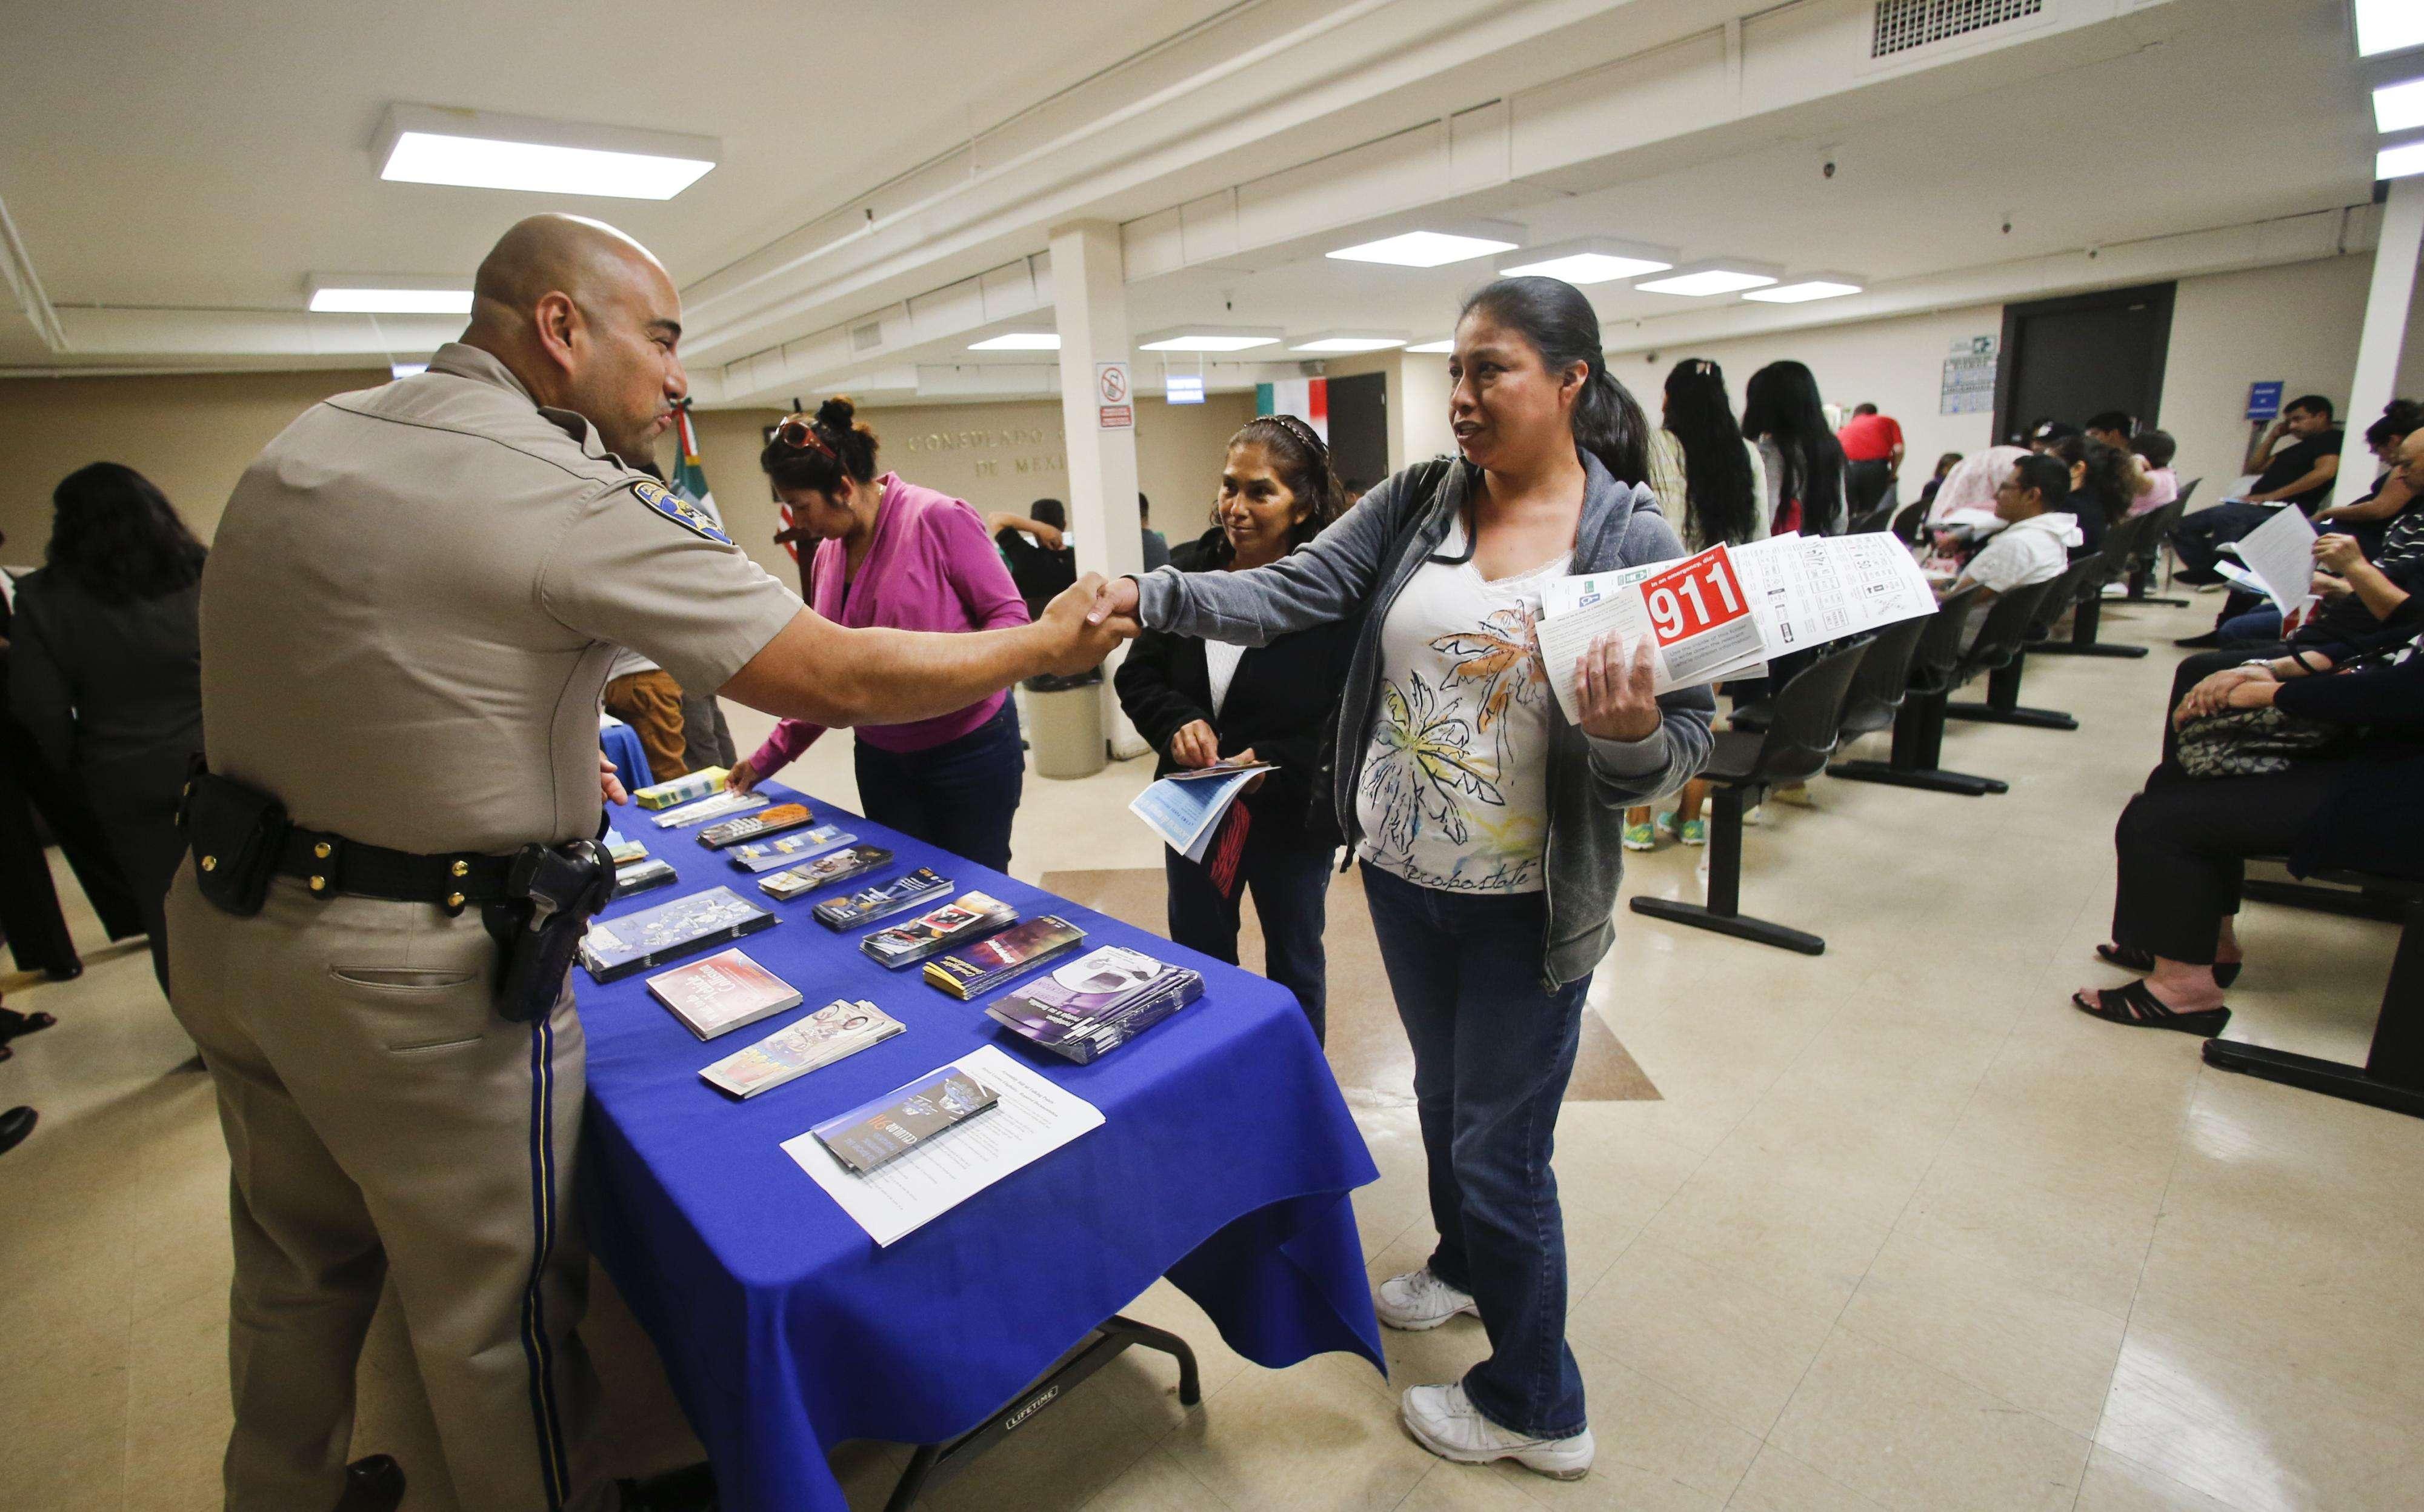 Interesados solicitan información sobre el trámite de licencias de conducir en San Diego, California. Foto: AP en español